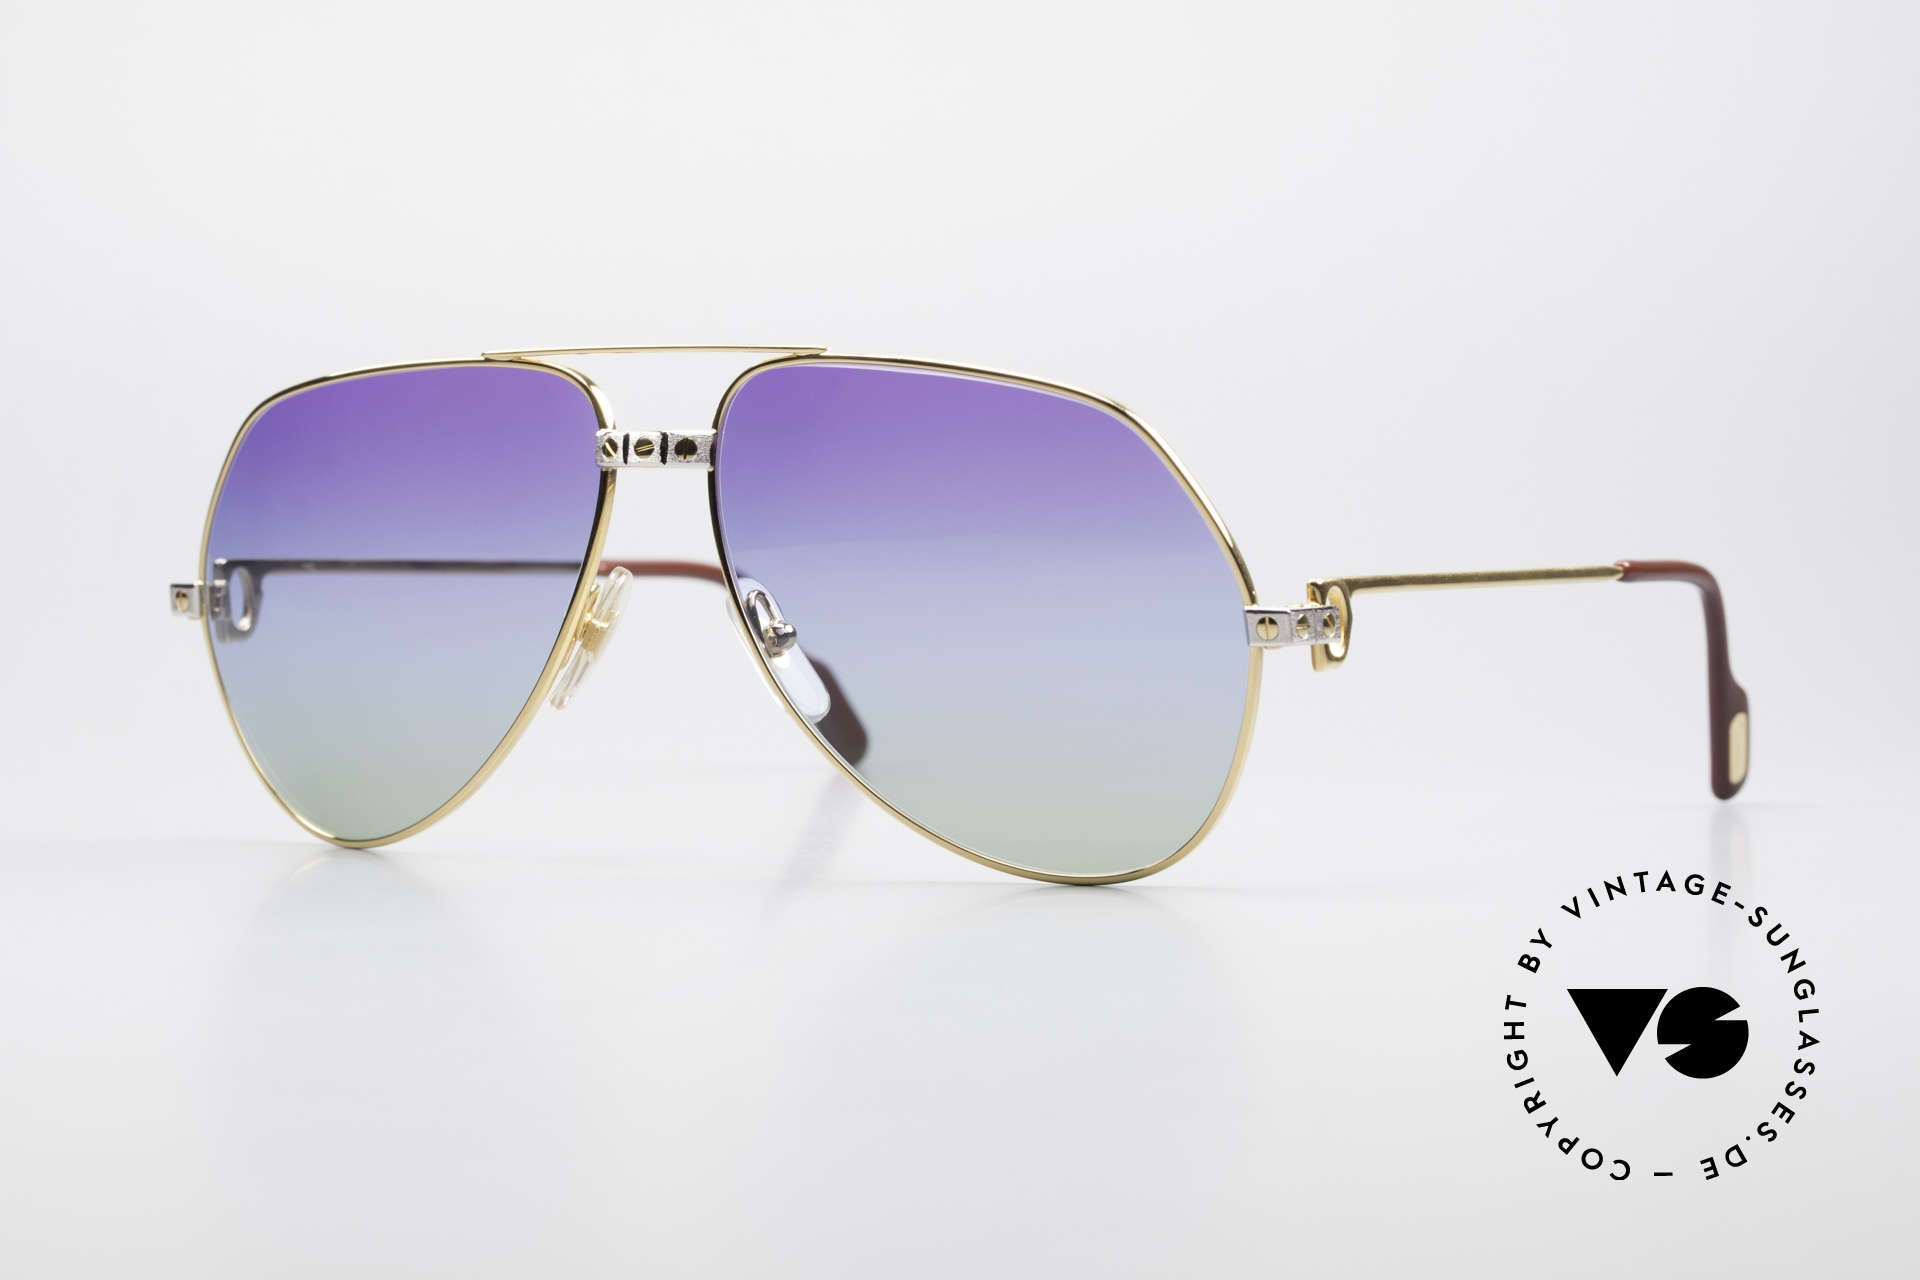 Cartier Vendome Santos - L Einzelstück Polarlicht Violett, 80er Jahre Cartier Vendome Santos Aviator Sonnenbrille, Passend für Herren